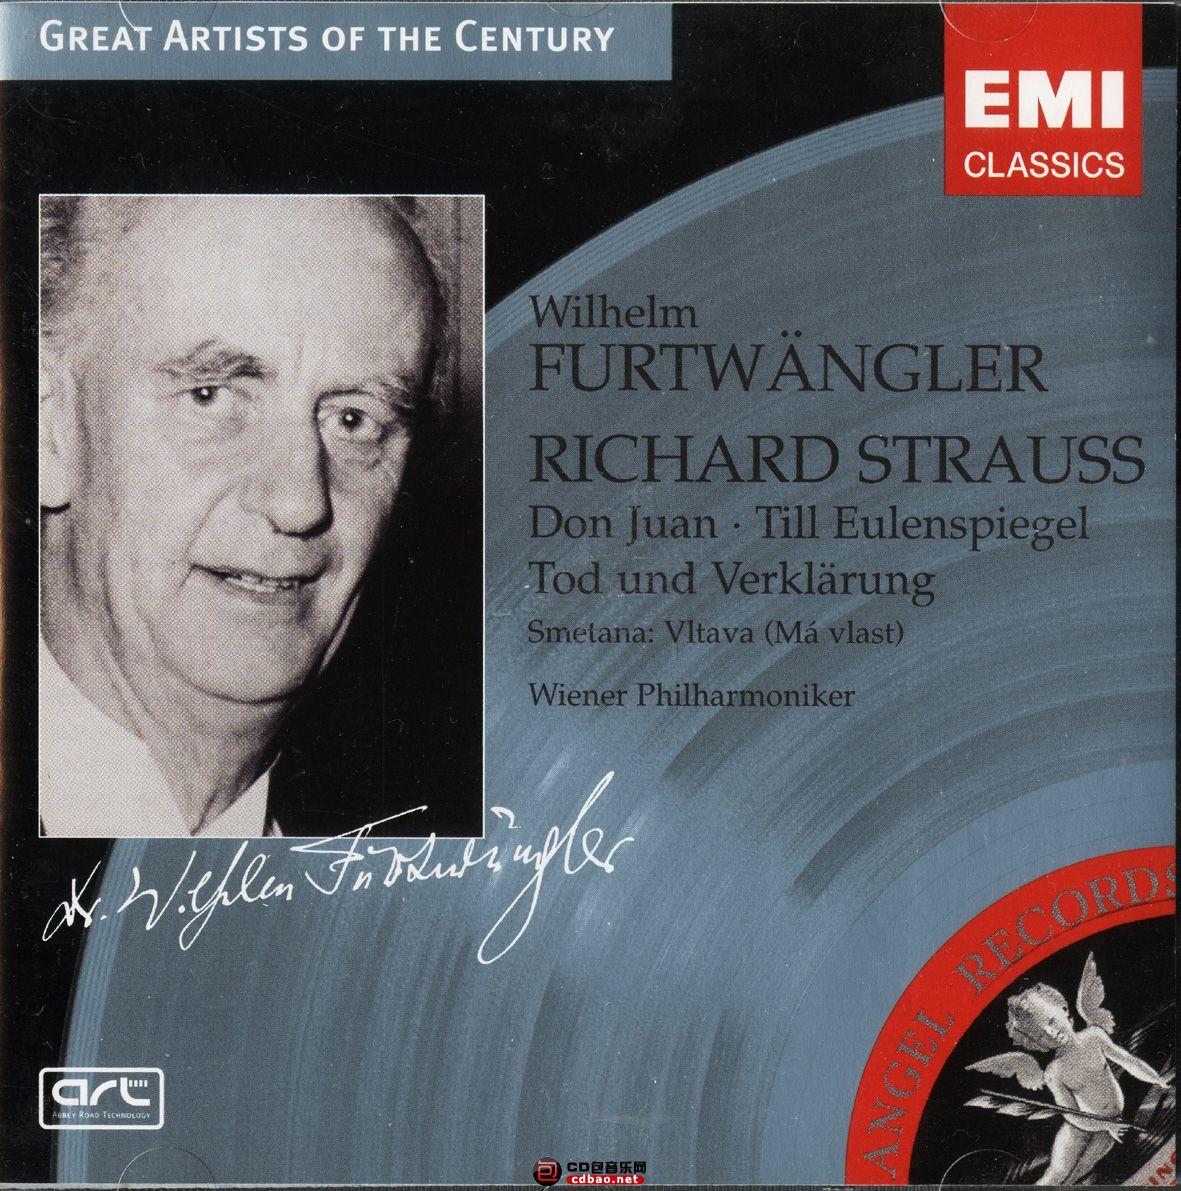 Furtwangler_Strauss & Smetana.01.jpg